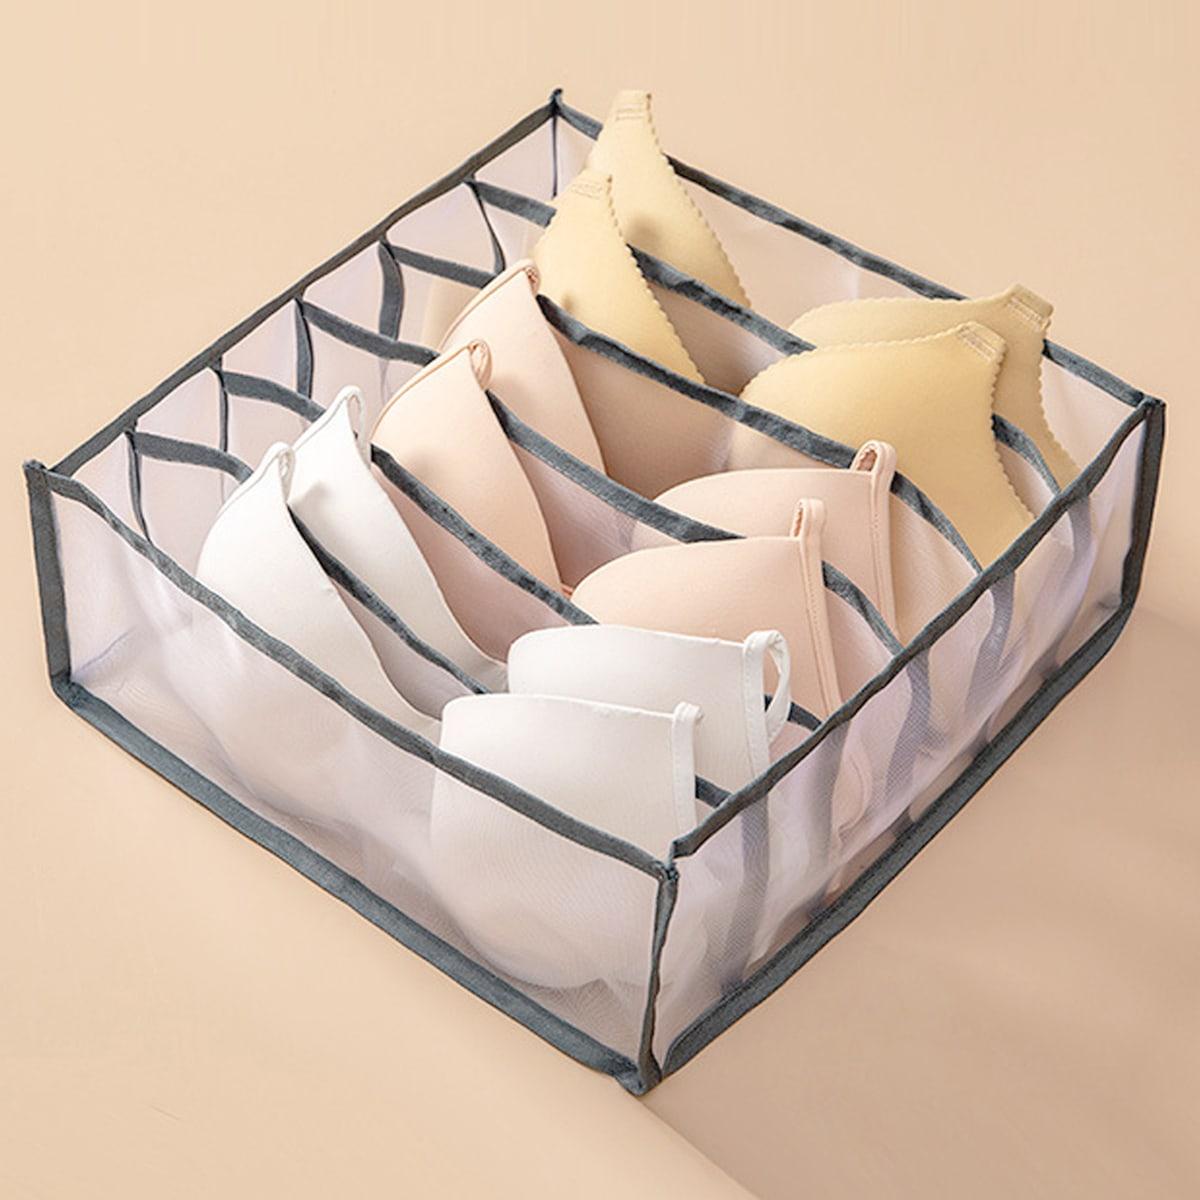 Складная коробка для хранения нижнего белья